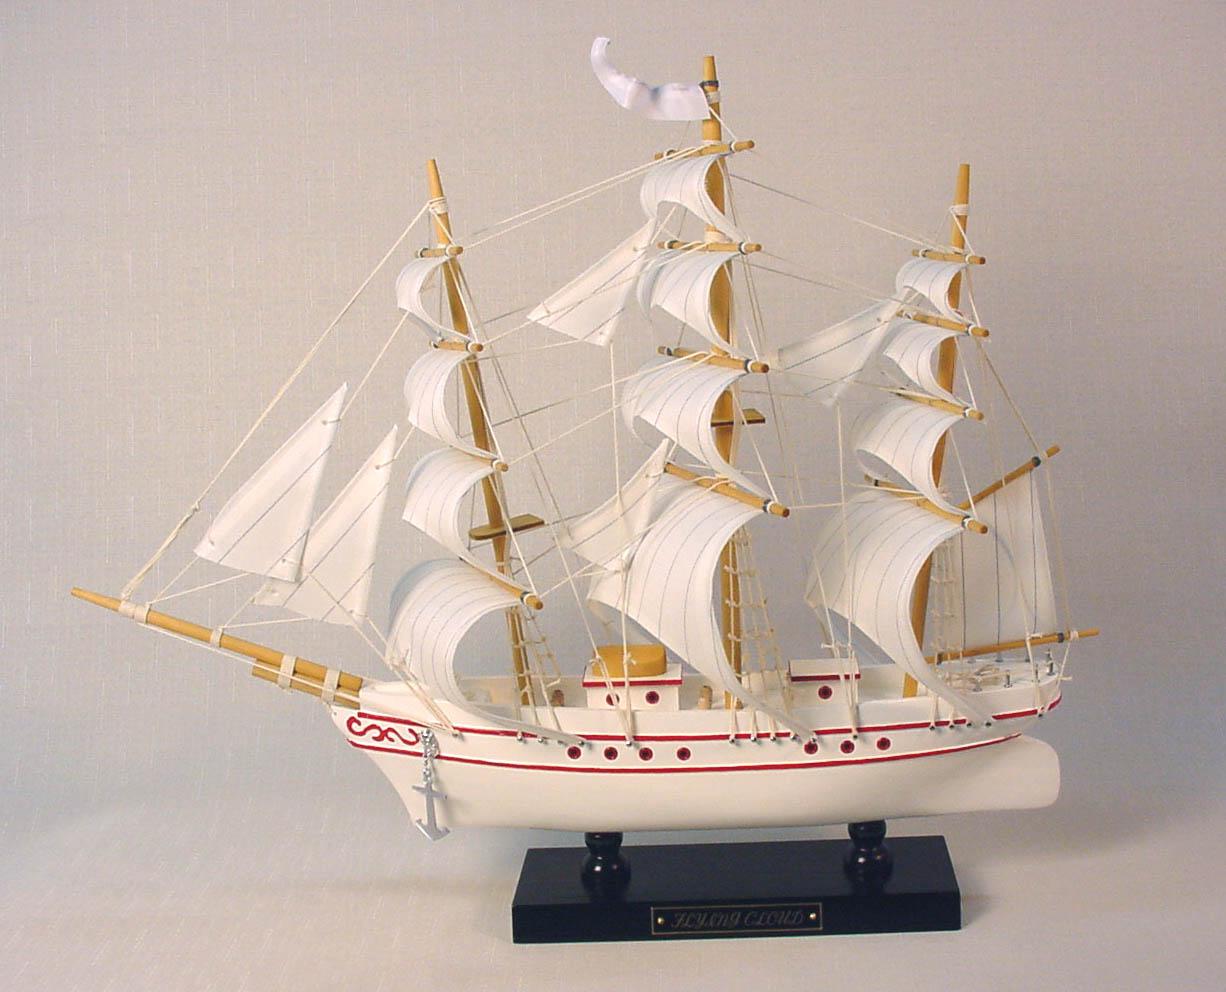 帆船模型 モデルシップ (完成品) No231 フライングクロード(ホワイト) 新築祝 開業祝 お祝い 門出【楽ギフ_のし】【楽ギフ_メッセ入力】